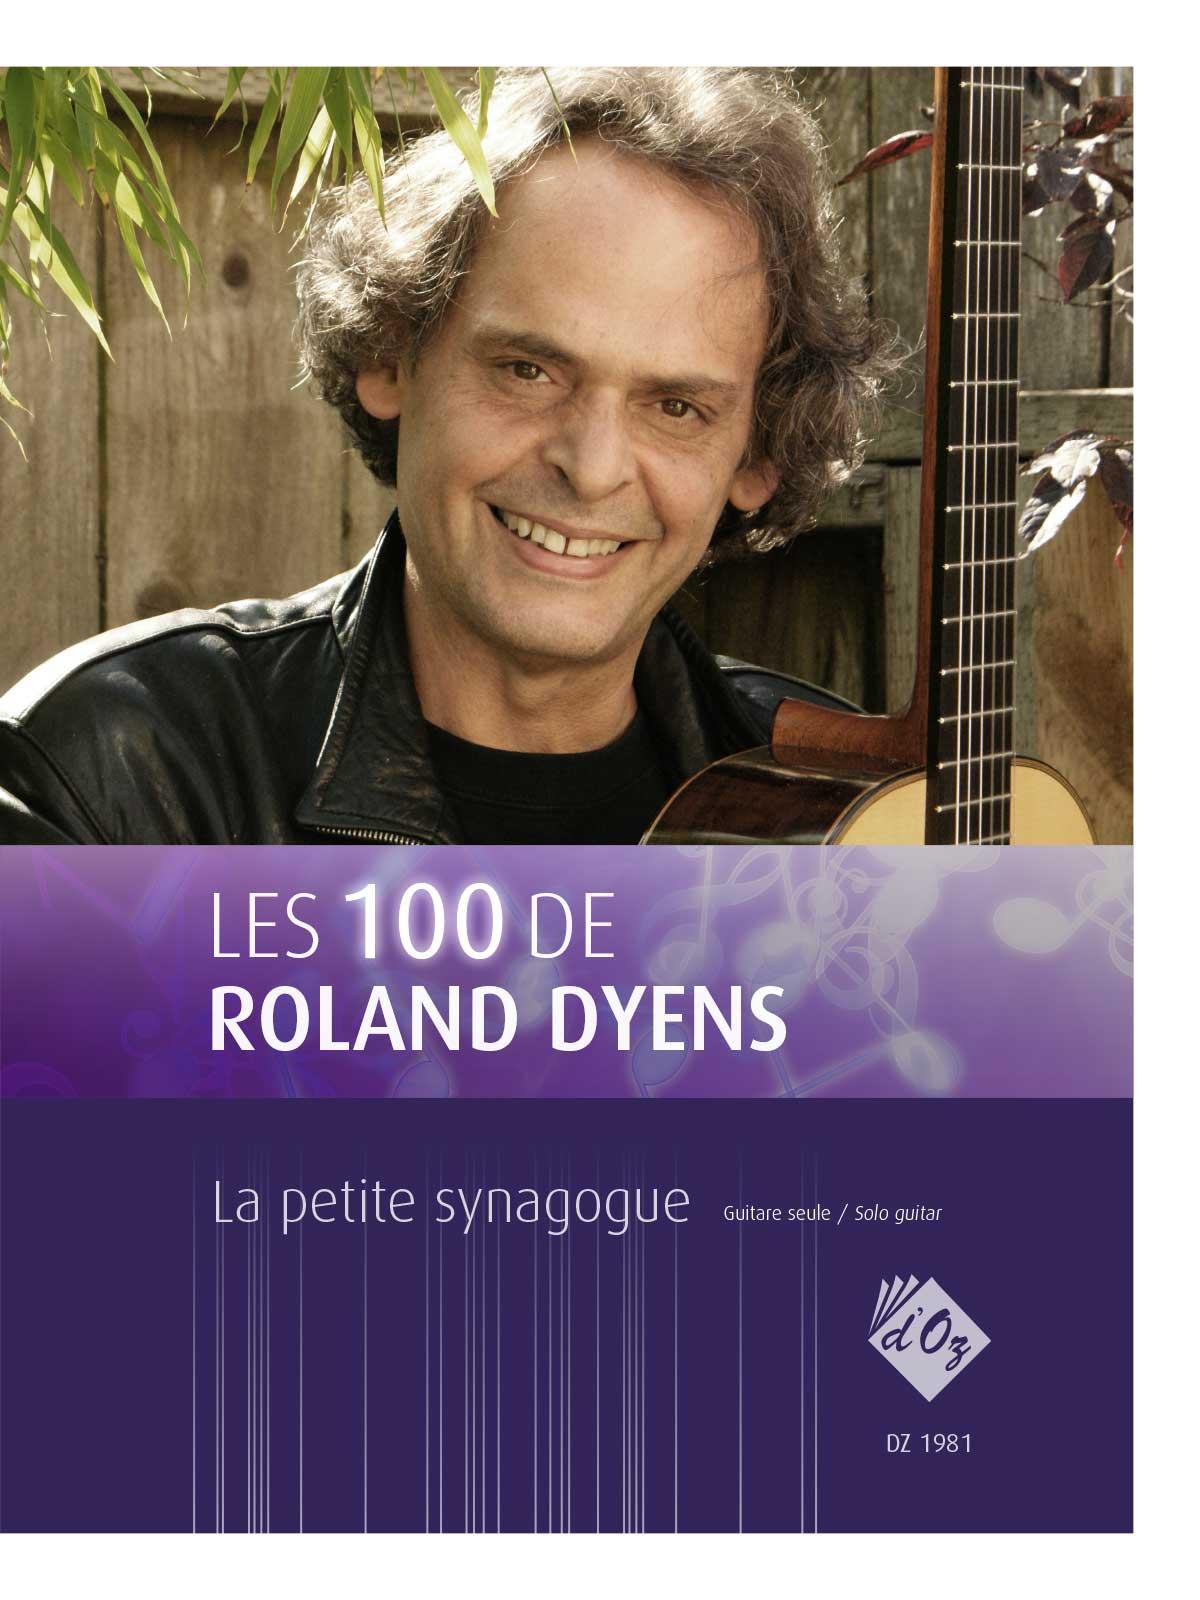 Les 100 de Roland Dyens - La petite synagogue